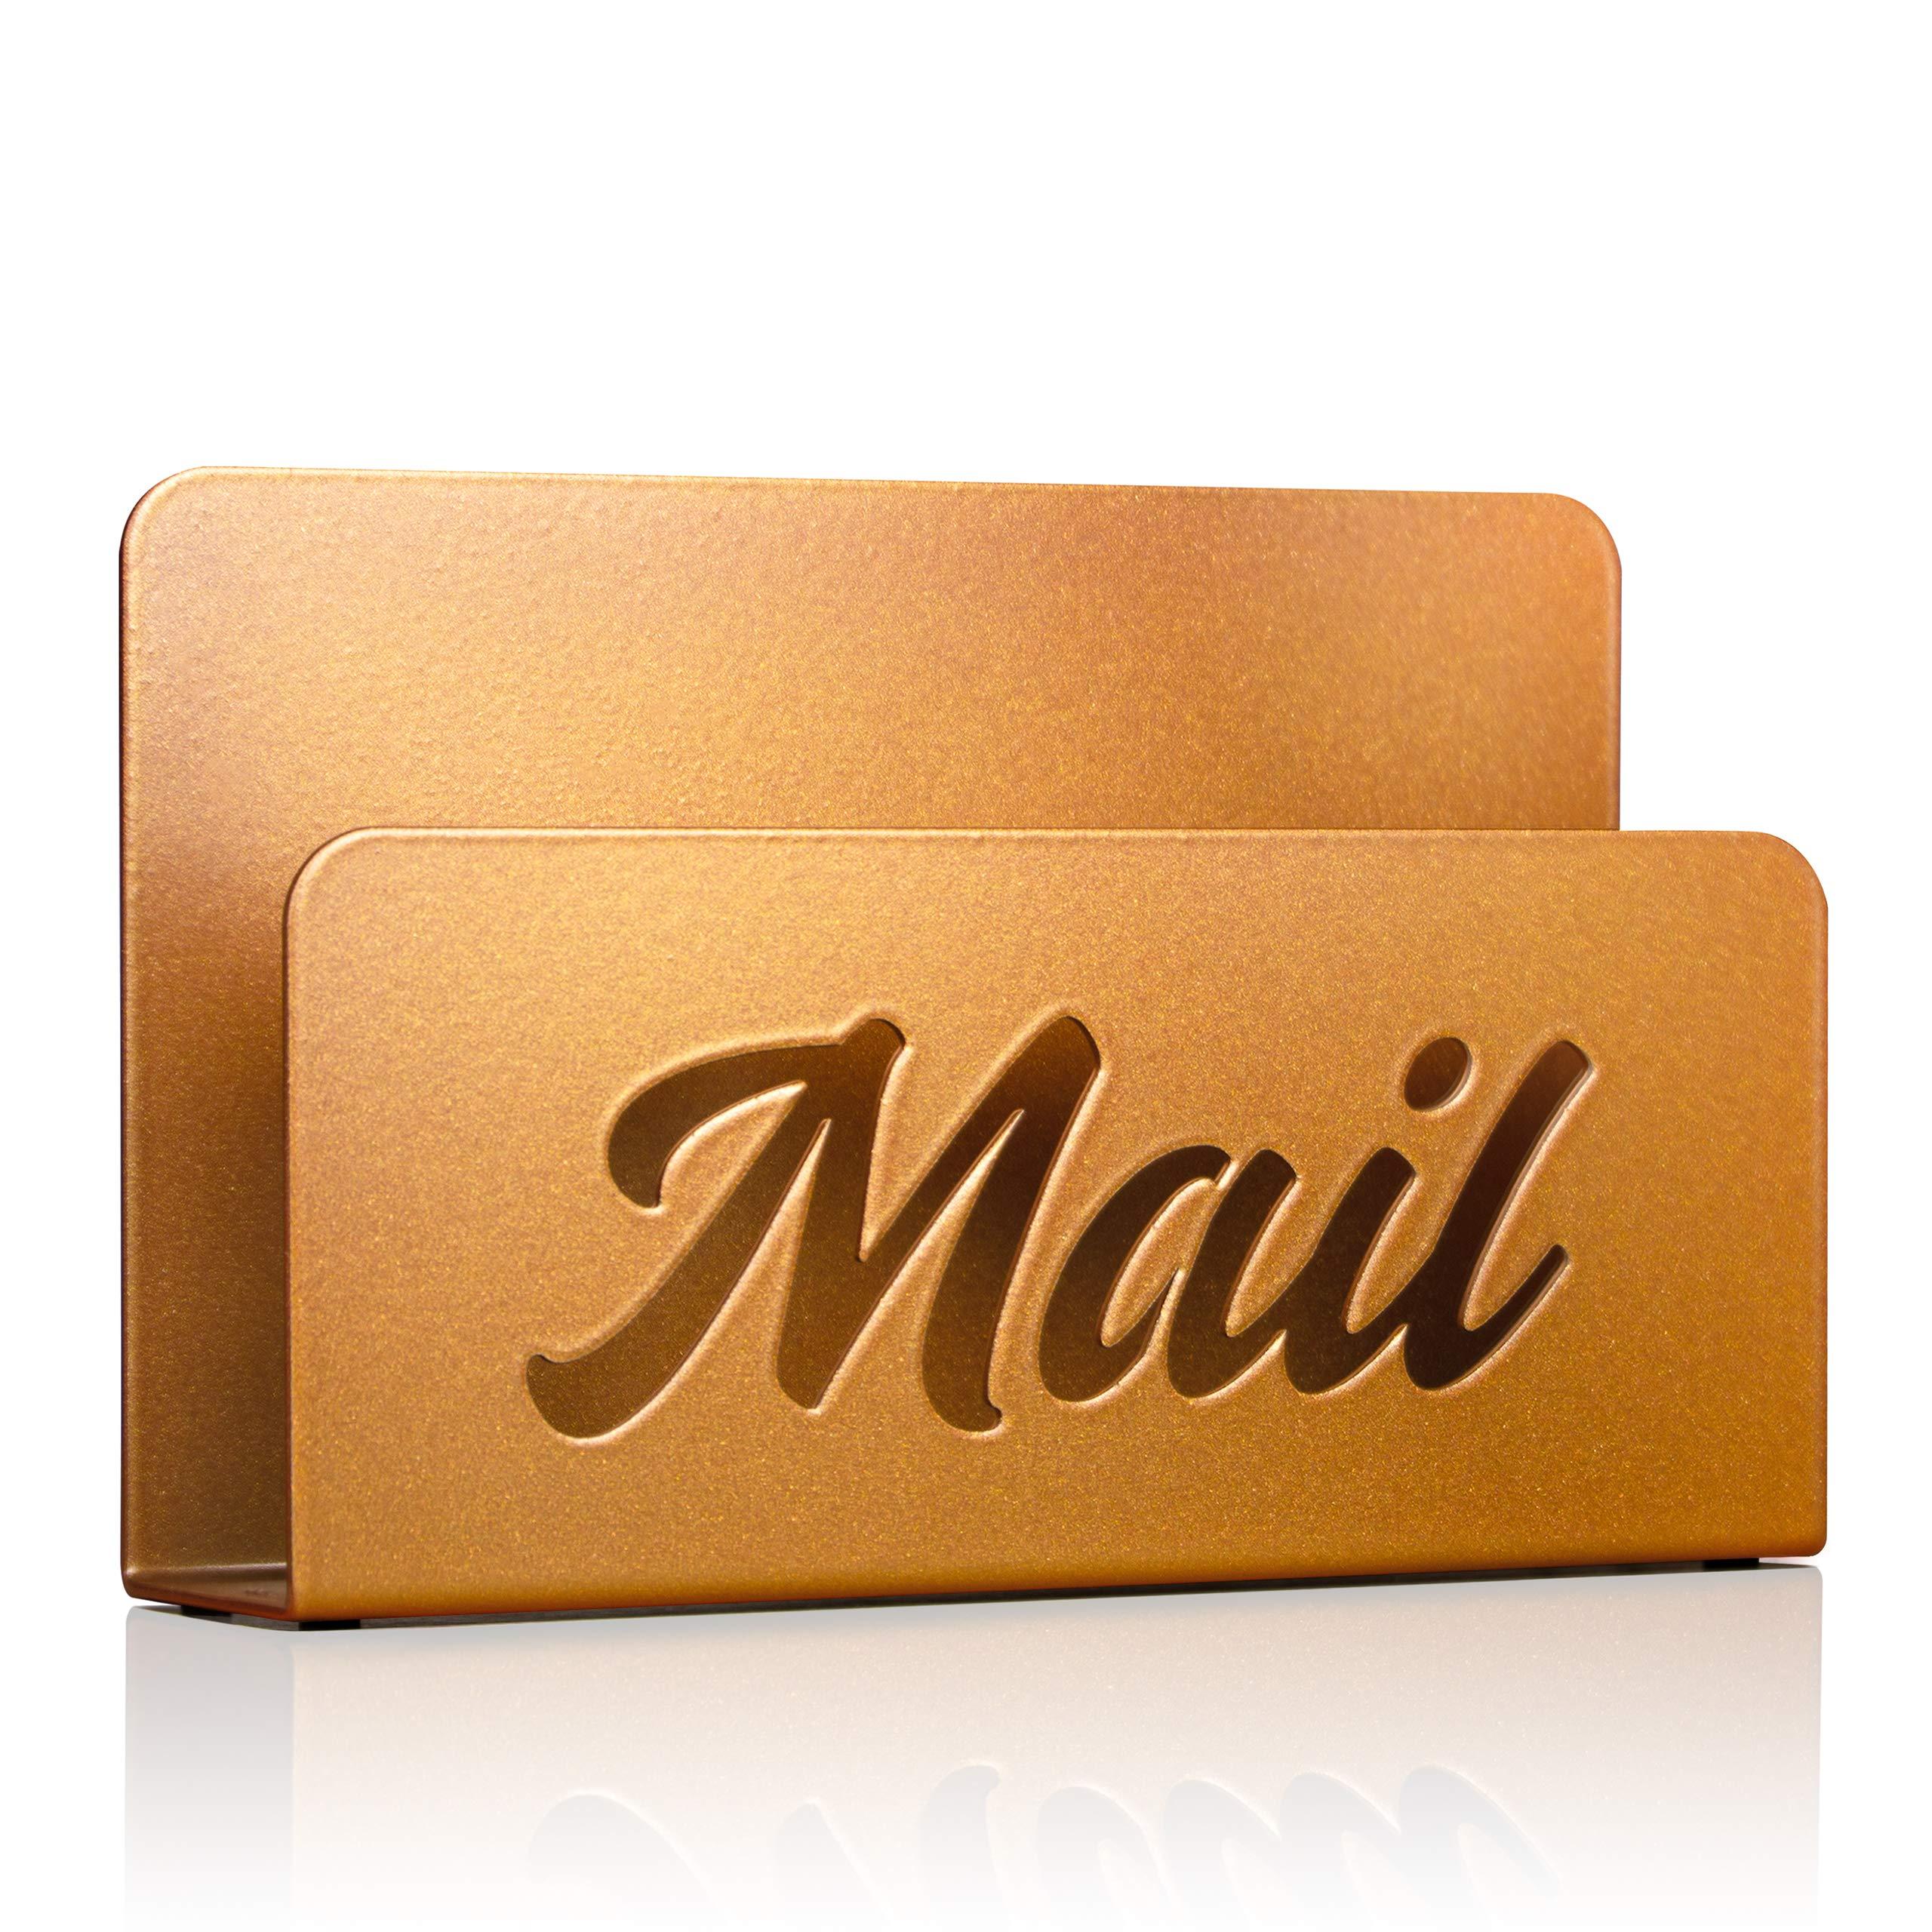 Metal Mail Holder and Desk Organiser (Burned Copper)